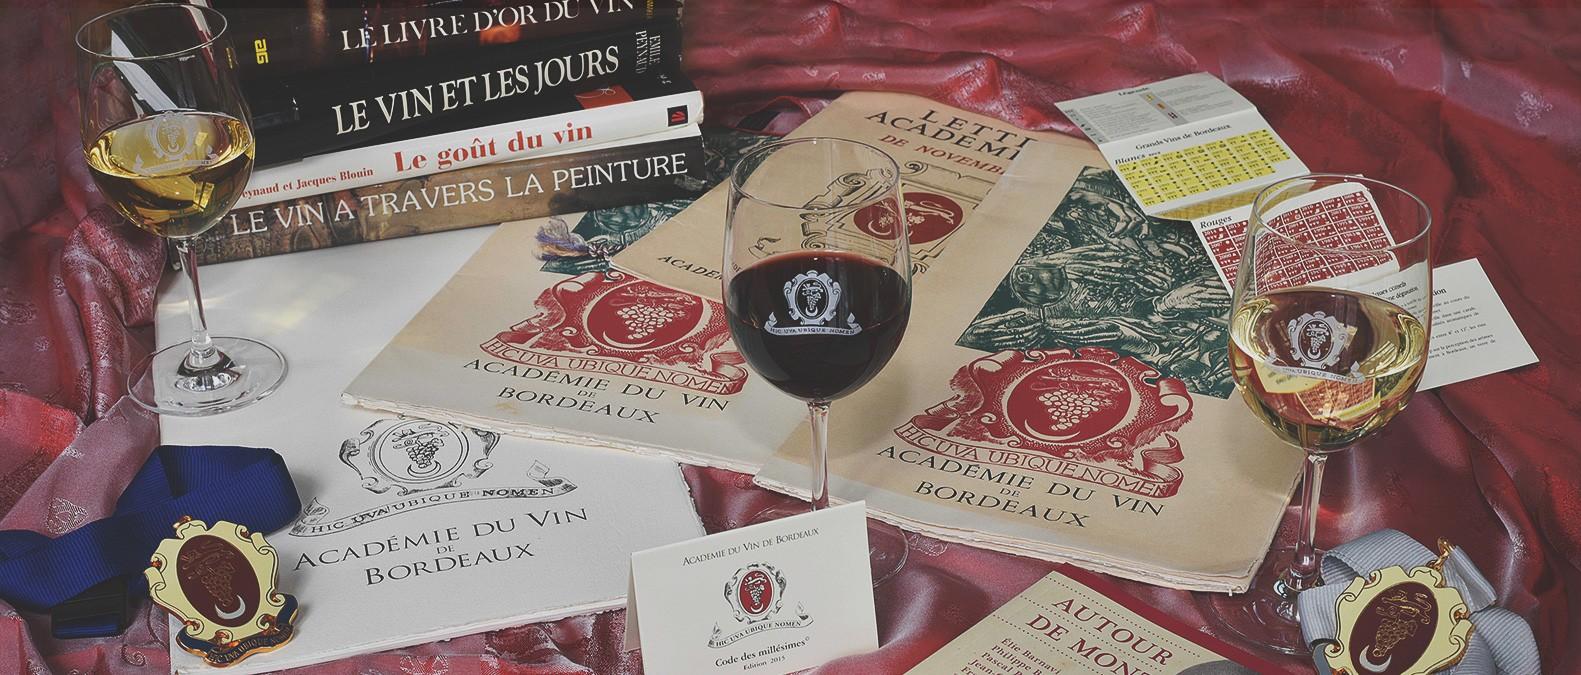 Académie du vin de Bordeaux accueil